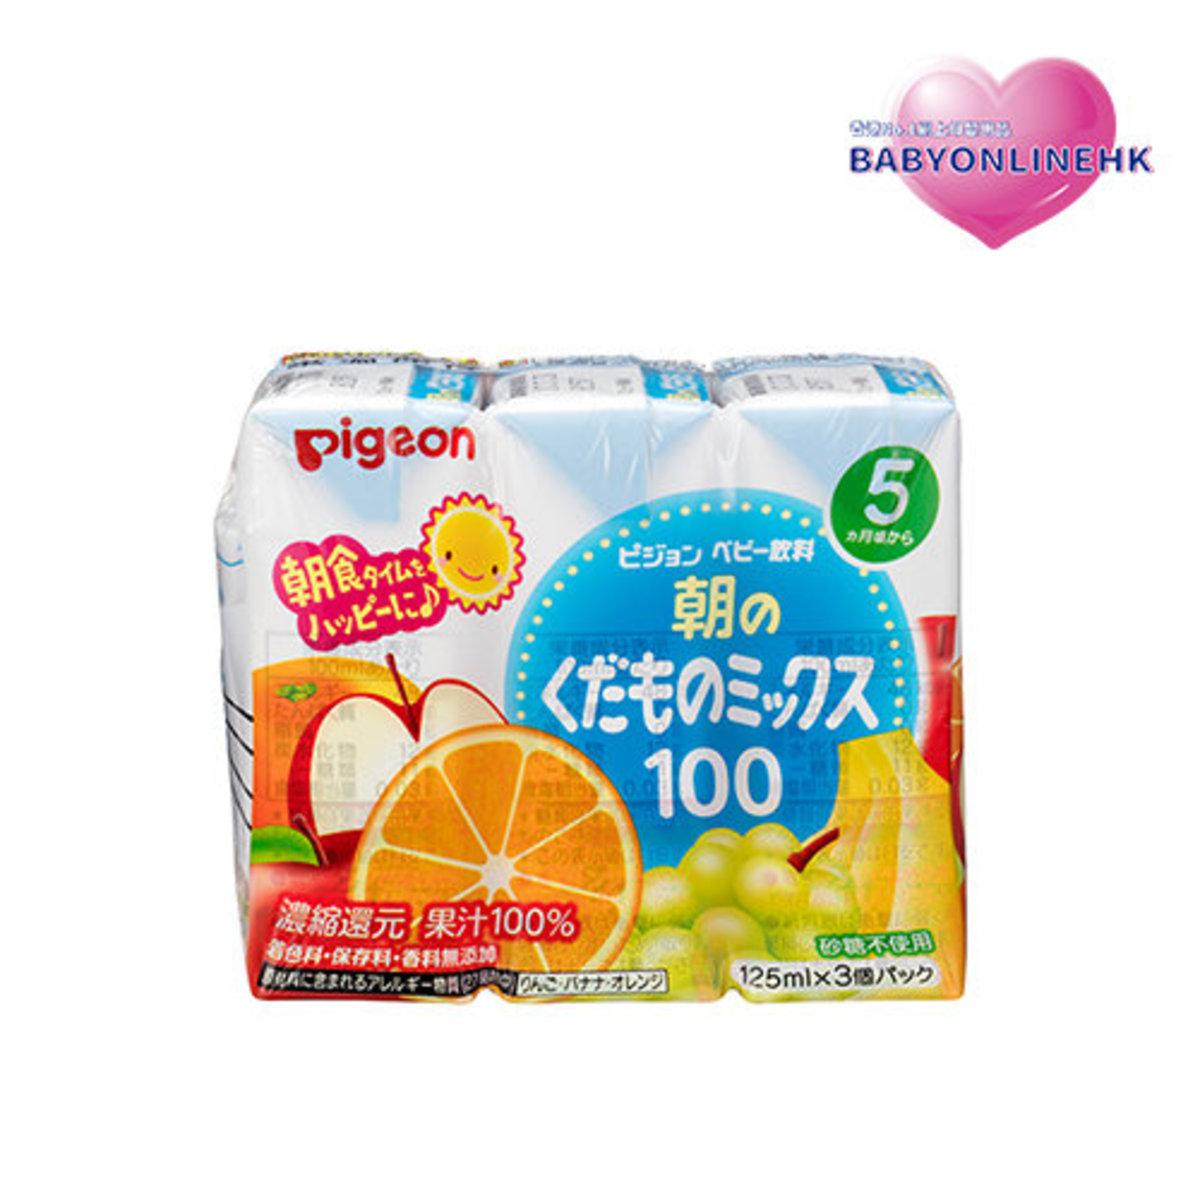 5M+ 雜果汁 (125ml x 3支) (平行進口貨品)